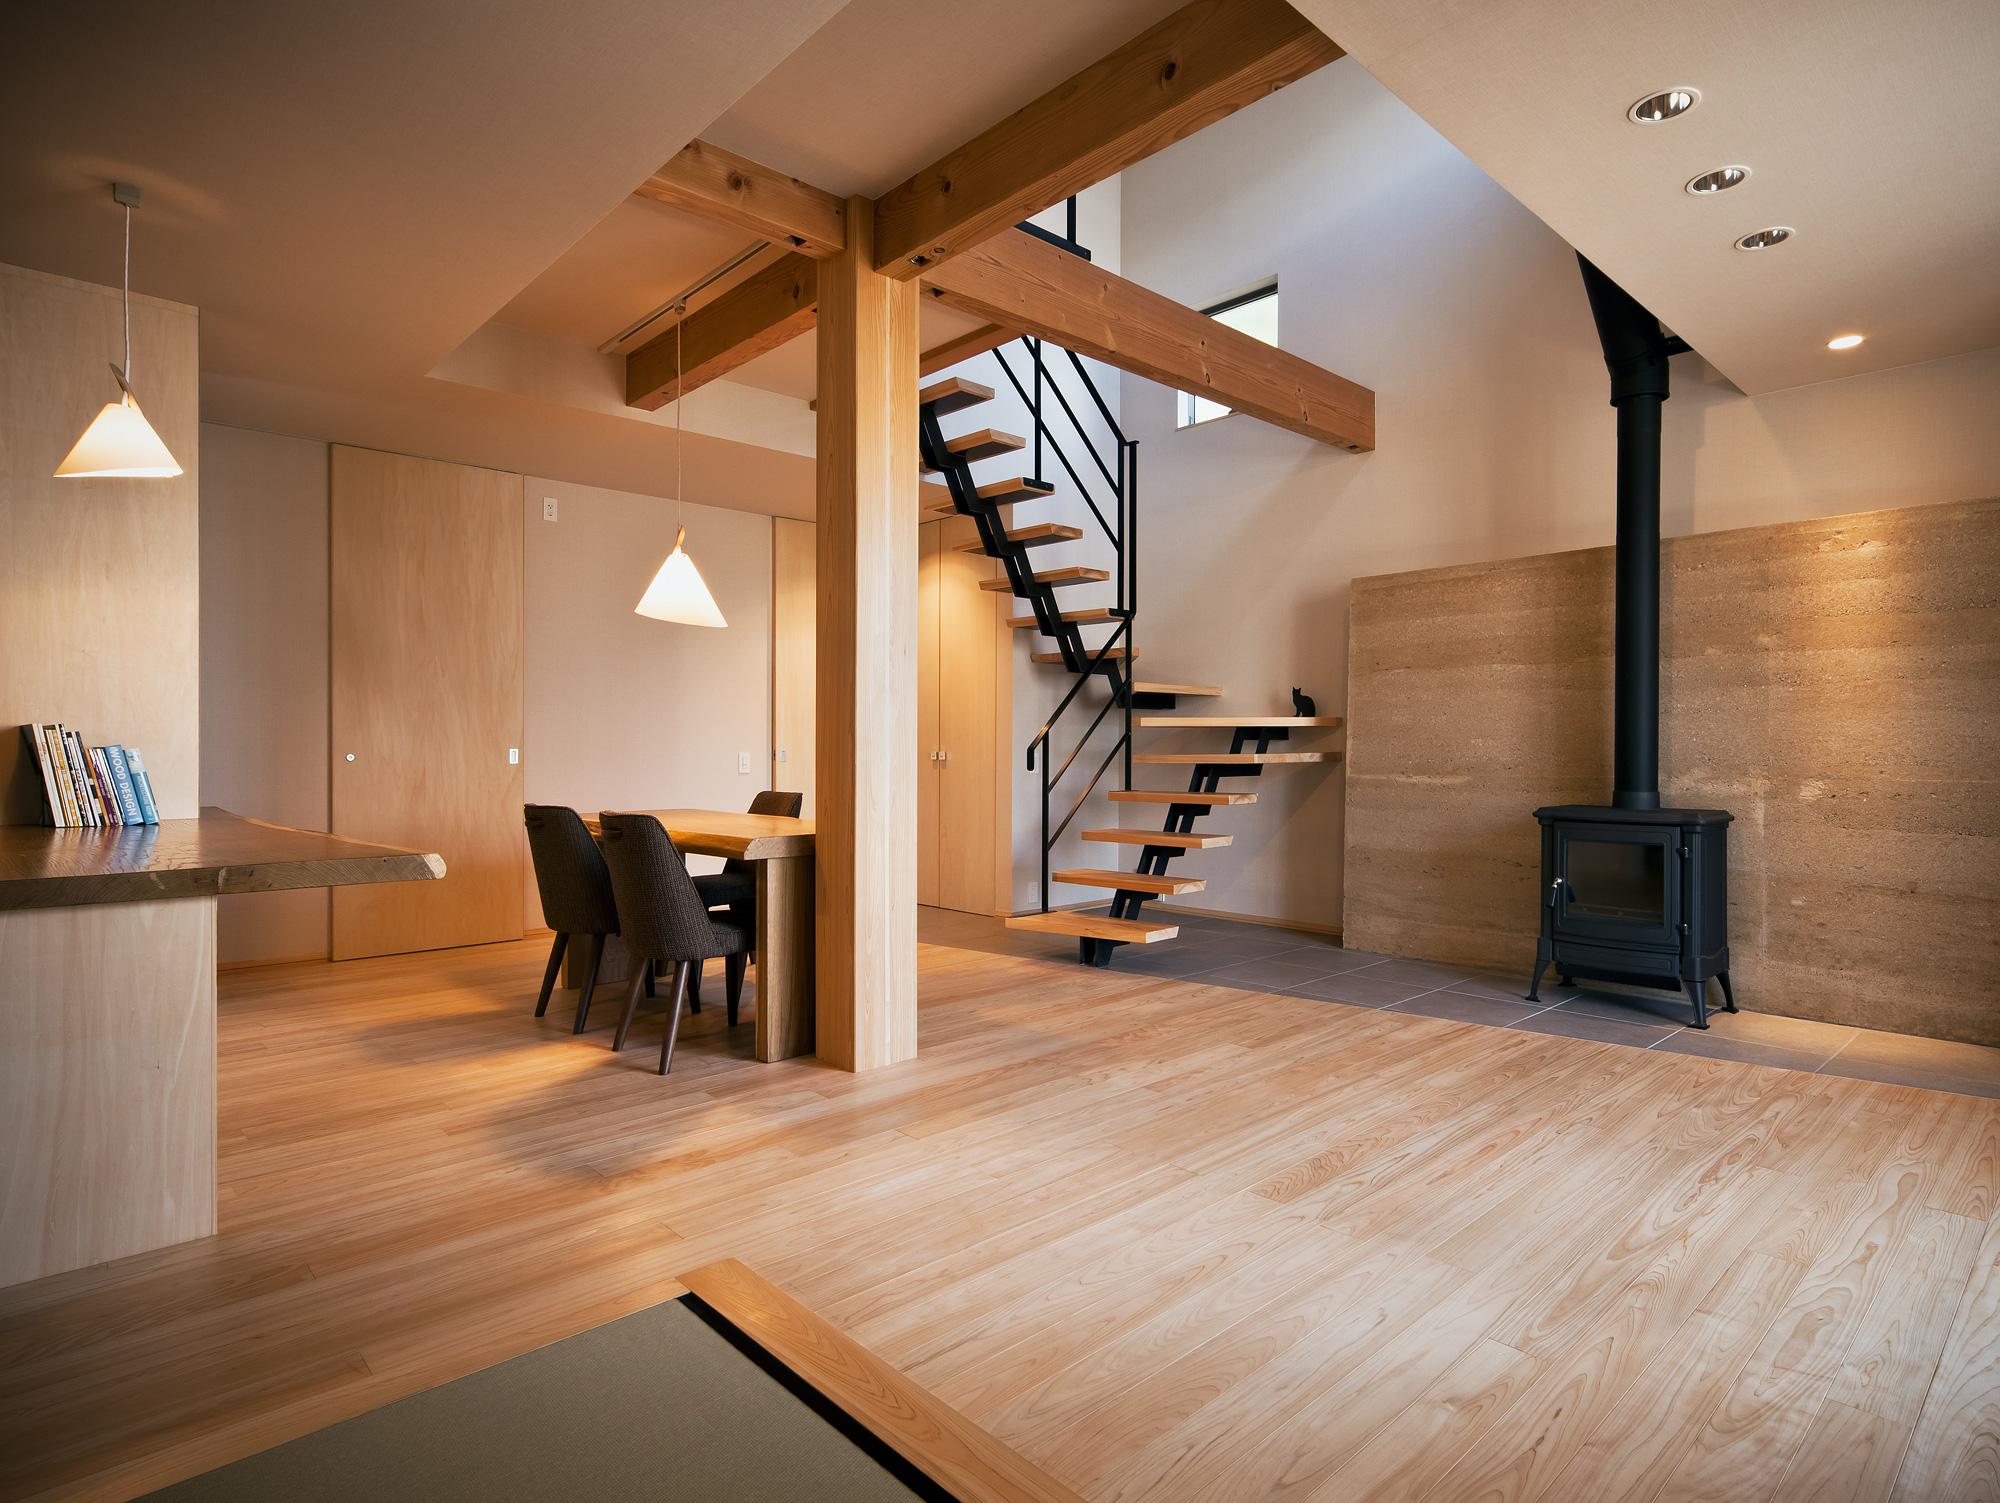 和室よりリビングダイニングを見る: 家の中心には280mm角のどっしりとした大黒柱が鎮座しています。この材木は、材木市場でクライアントと一目ぼれしたものでした。基礎から屋根まで通る、6mの一本もので、決して飾りではなく、家の重心で大黒柱本来の役割を発揮しています。背割りは埋木され、表面は丁寧にきめ細かく仕上げられているため、つい手で触れたくなってしまいます